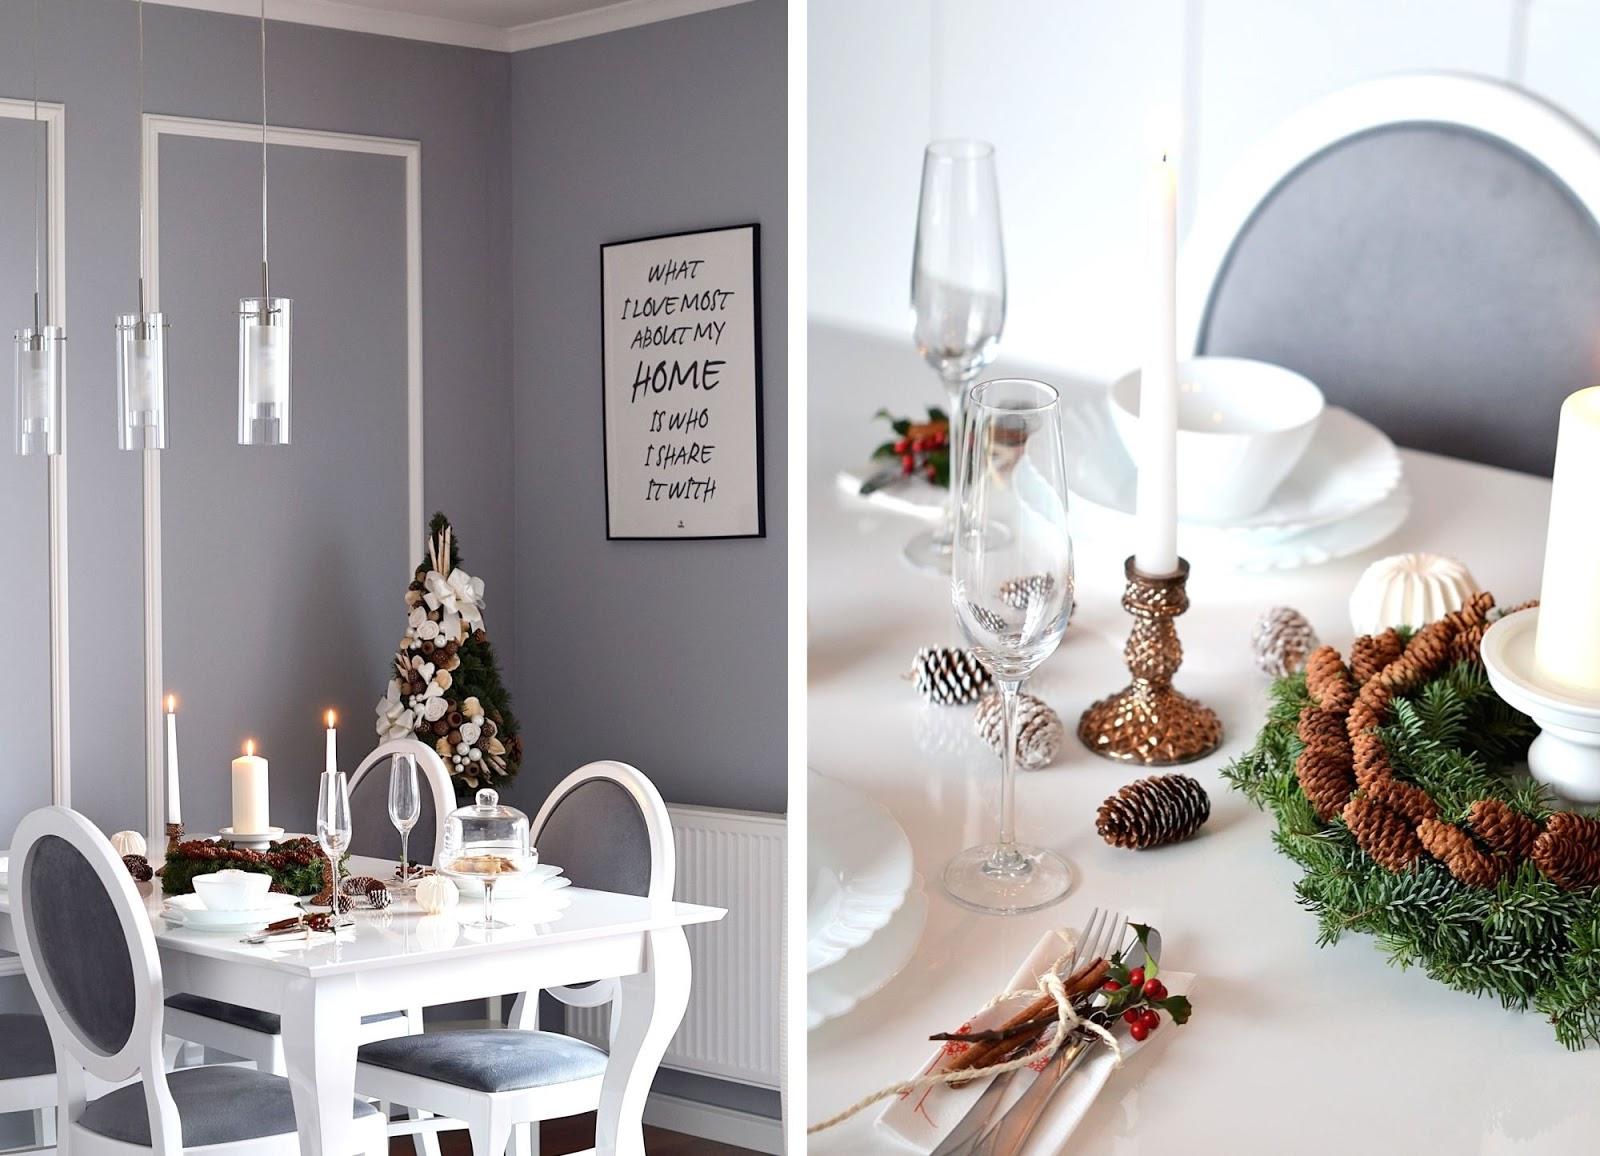 dekoracje stolu swiatecznego | blogi modowe